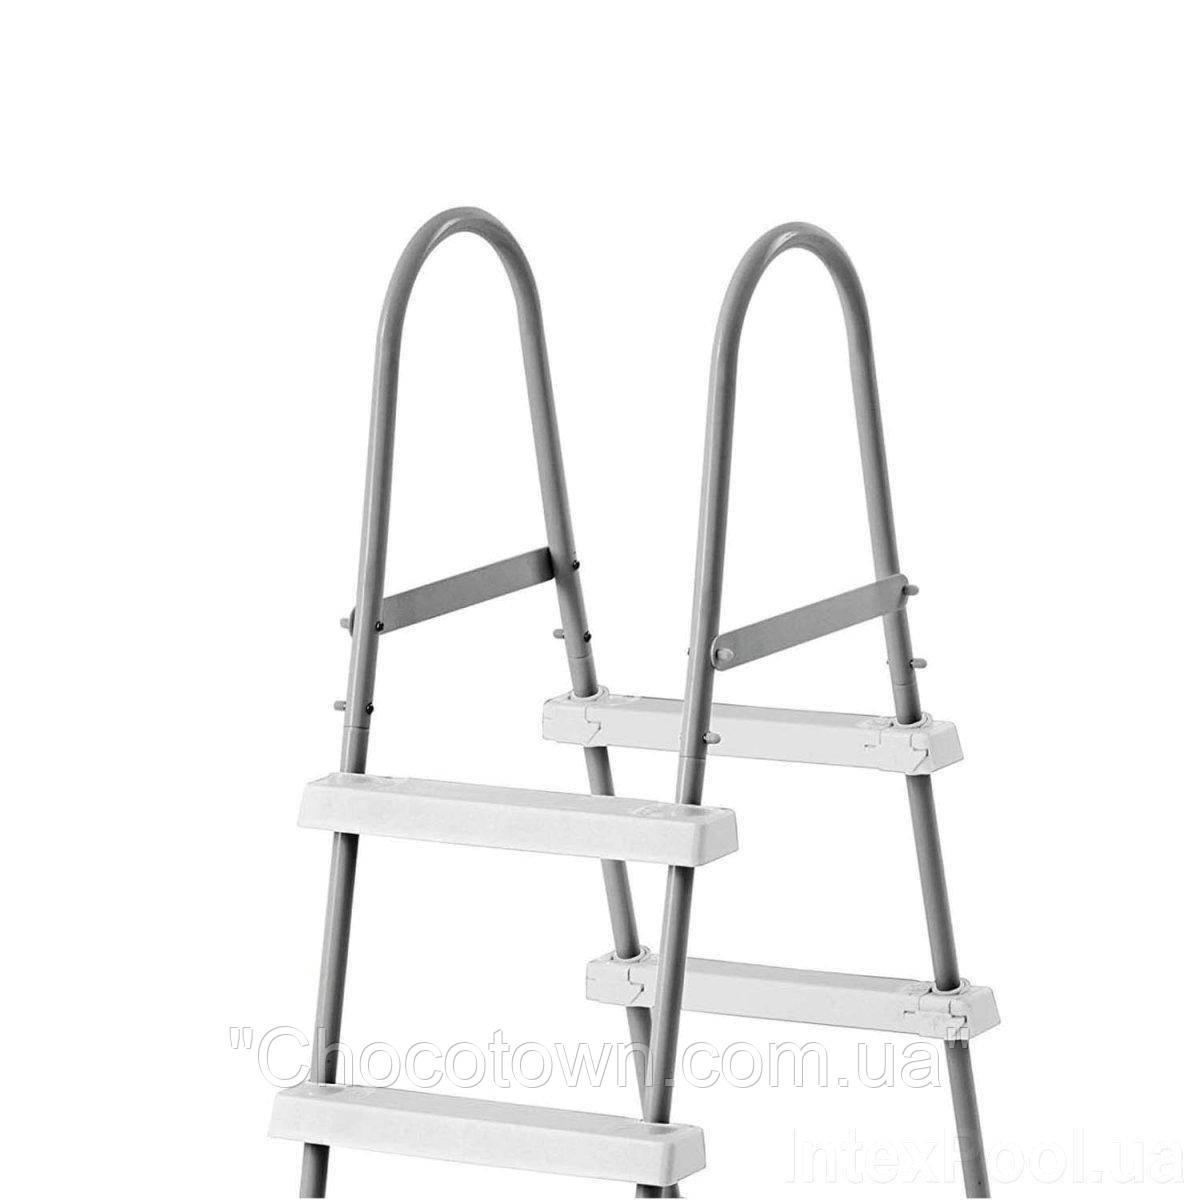 Лестница для бассейна Intex 28065 (28057) (107 см), двухсекционная  HN KK